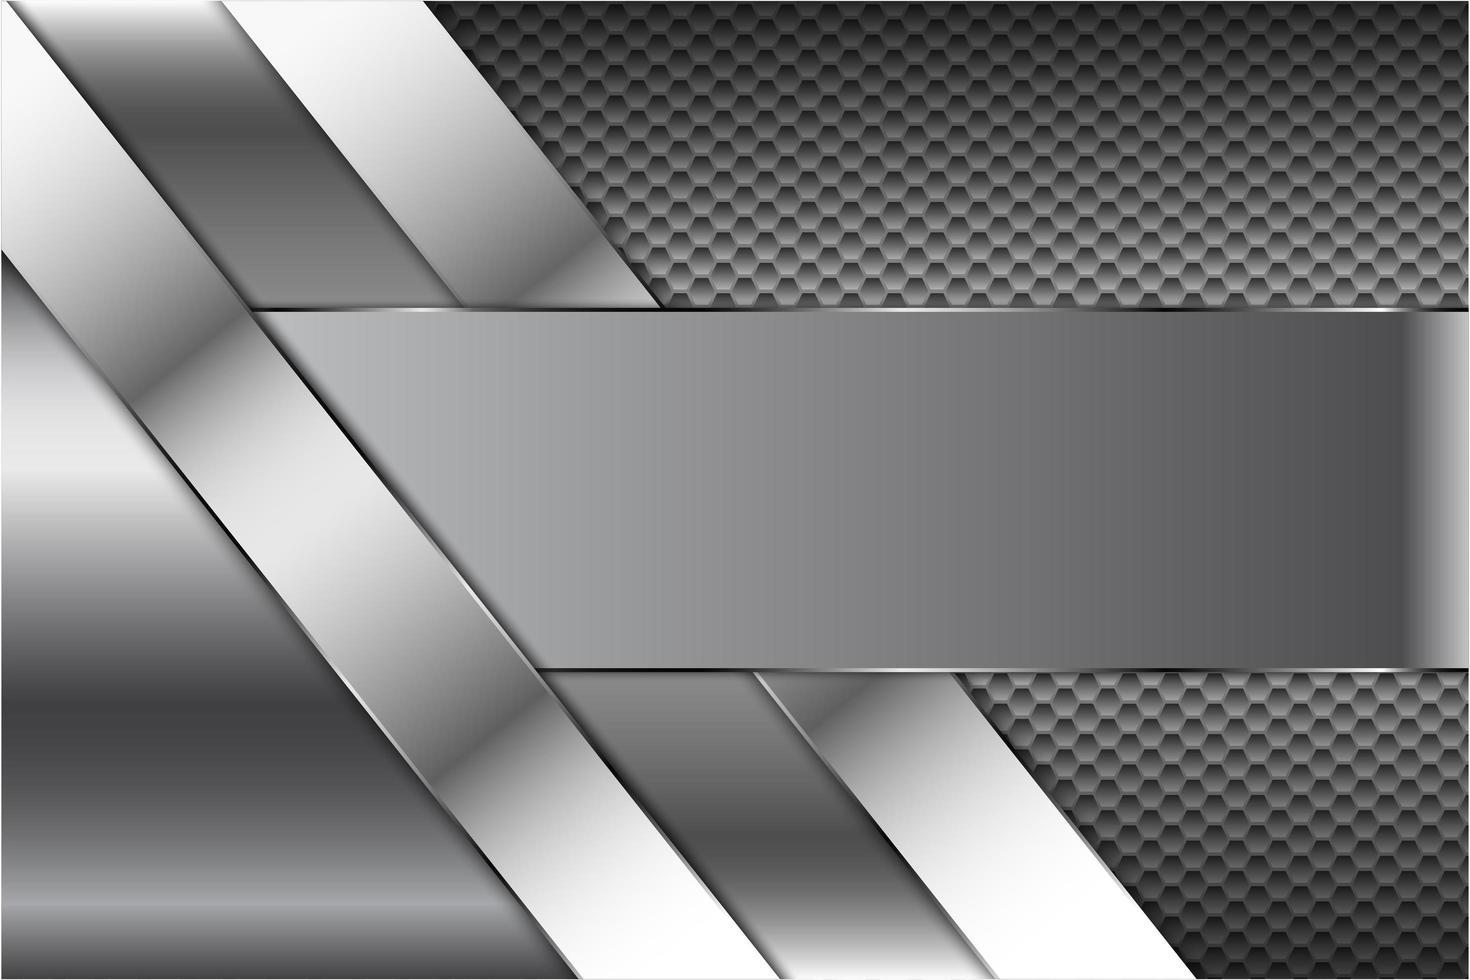 metaaltechnologie met zeshoekig patroon vector